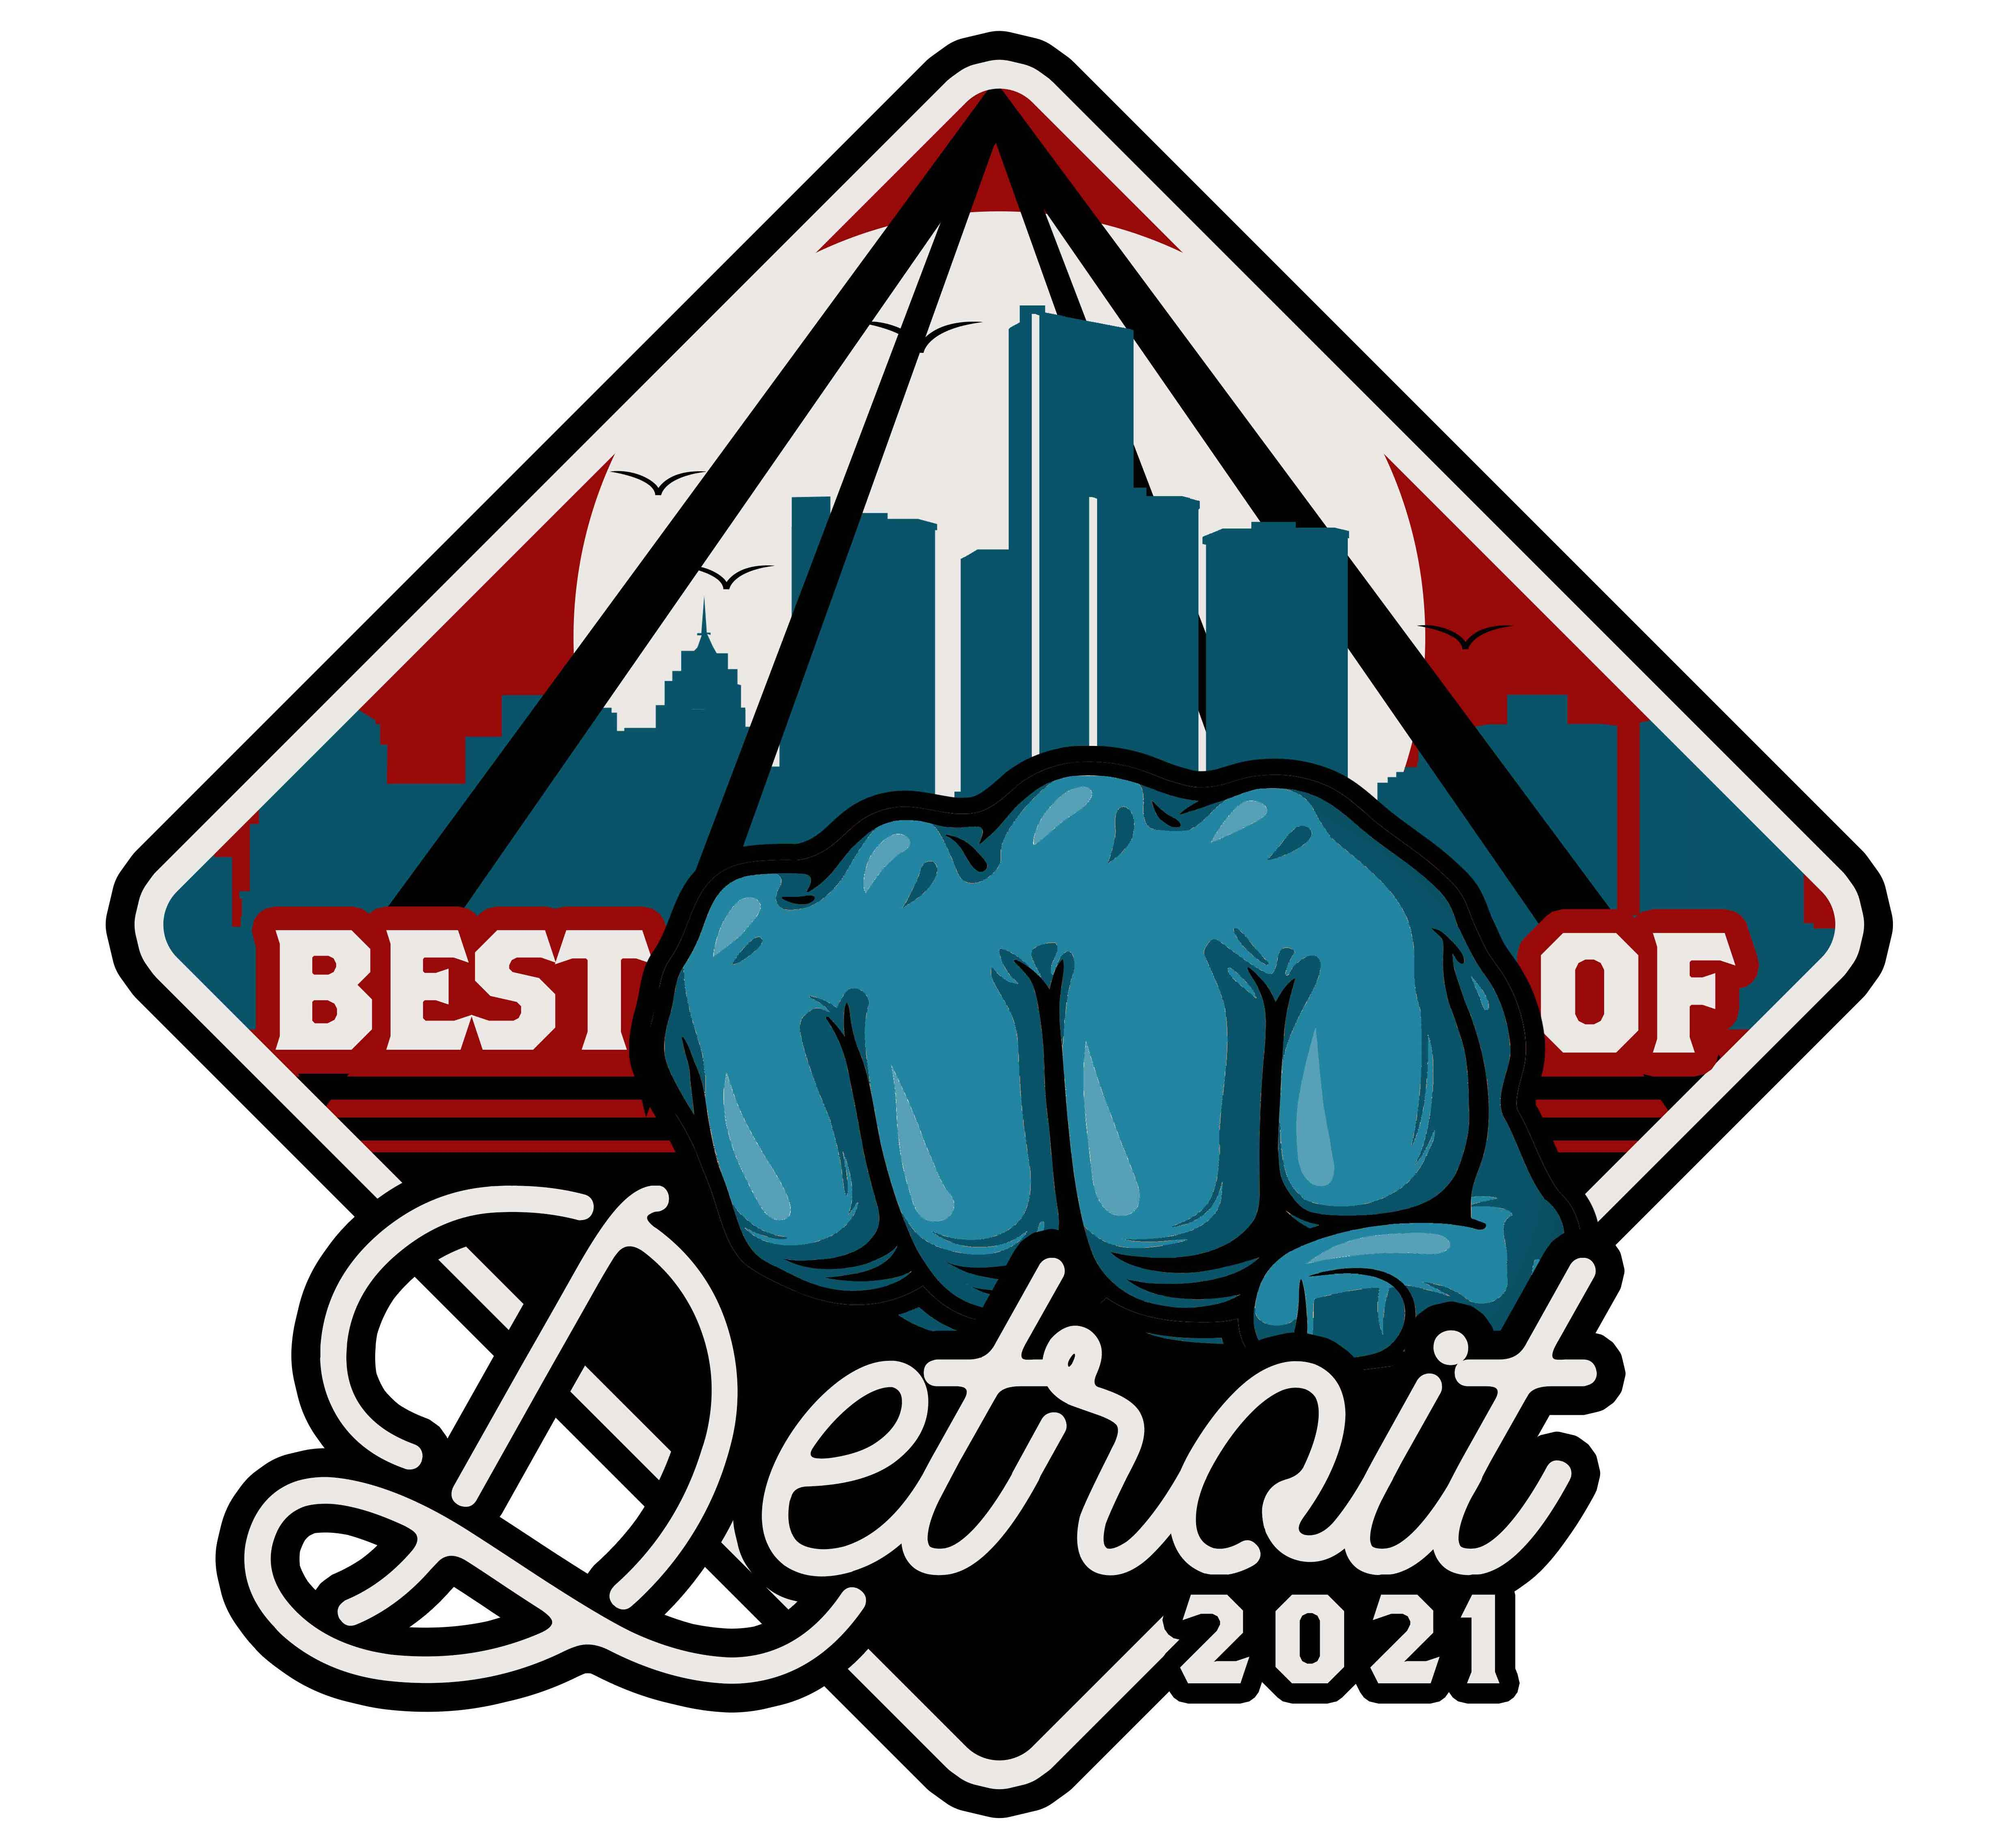 Best of Detroit 2021